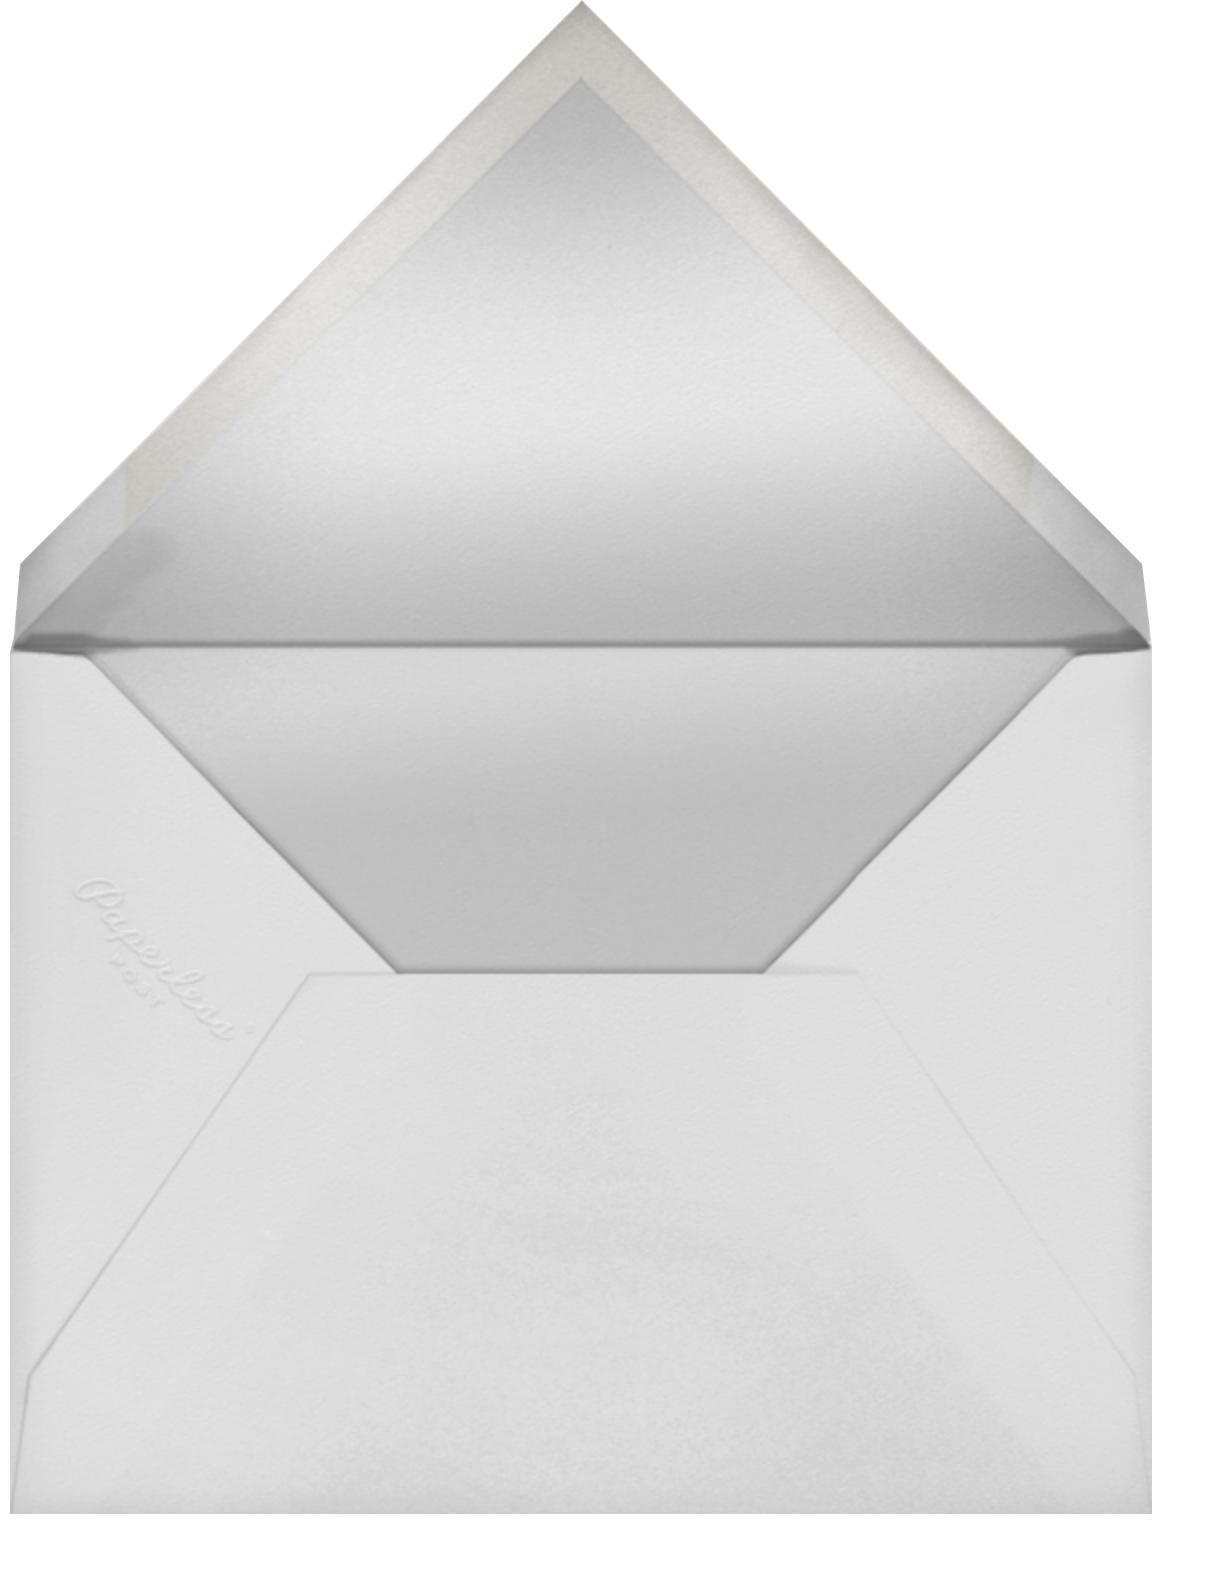 Choli (Menu) - Magenta - Paperless Post - Menus - envelope back